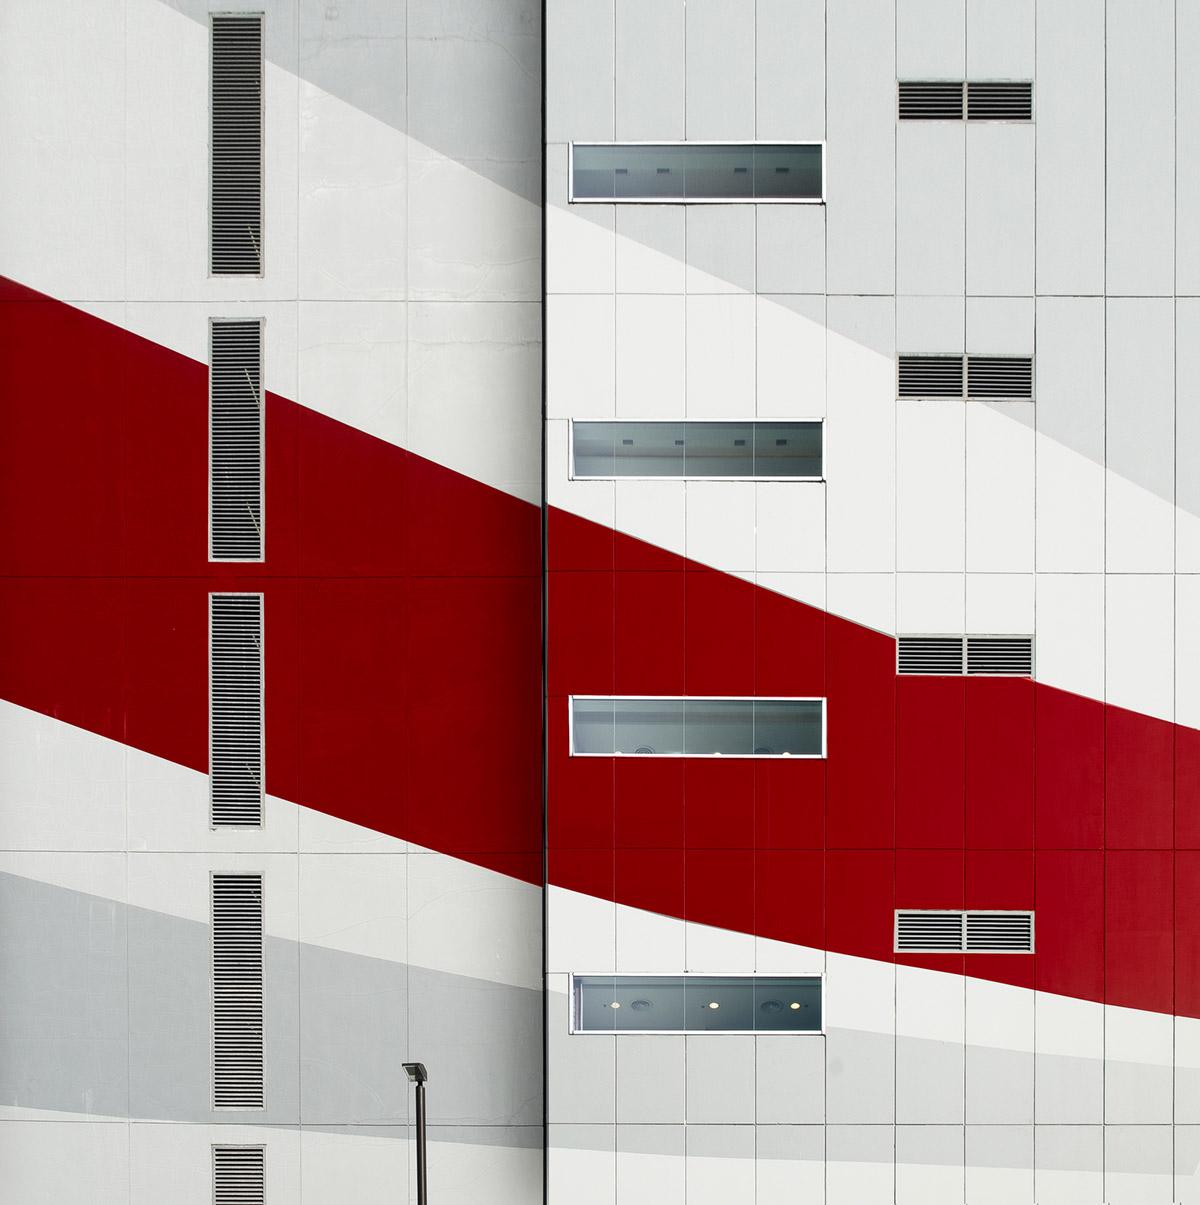 Vents & Windows by Harry Verschelden